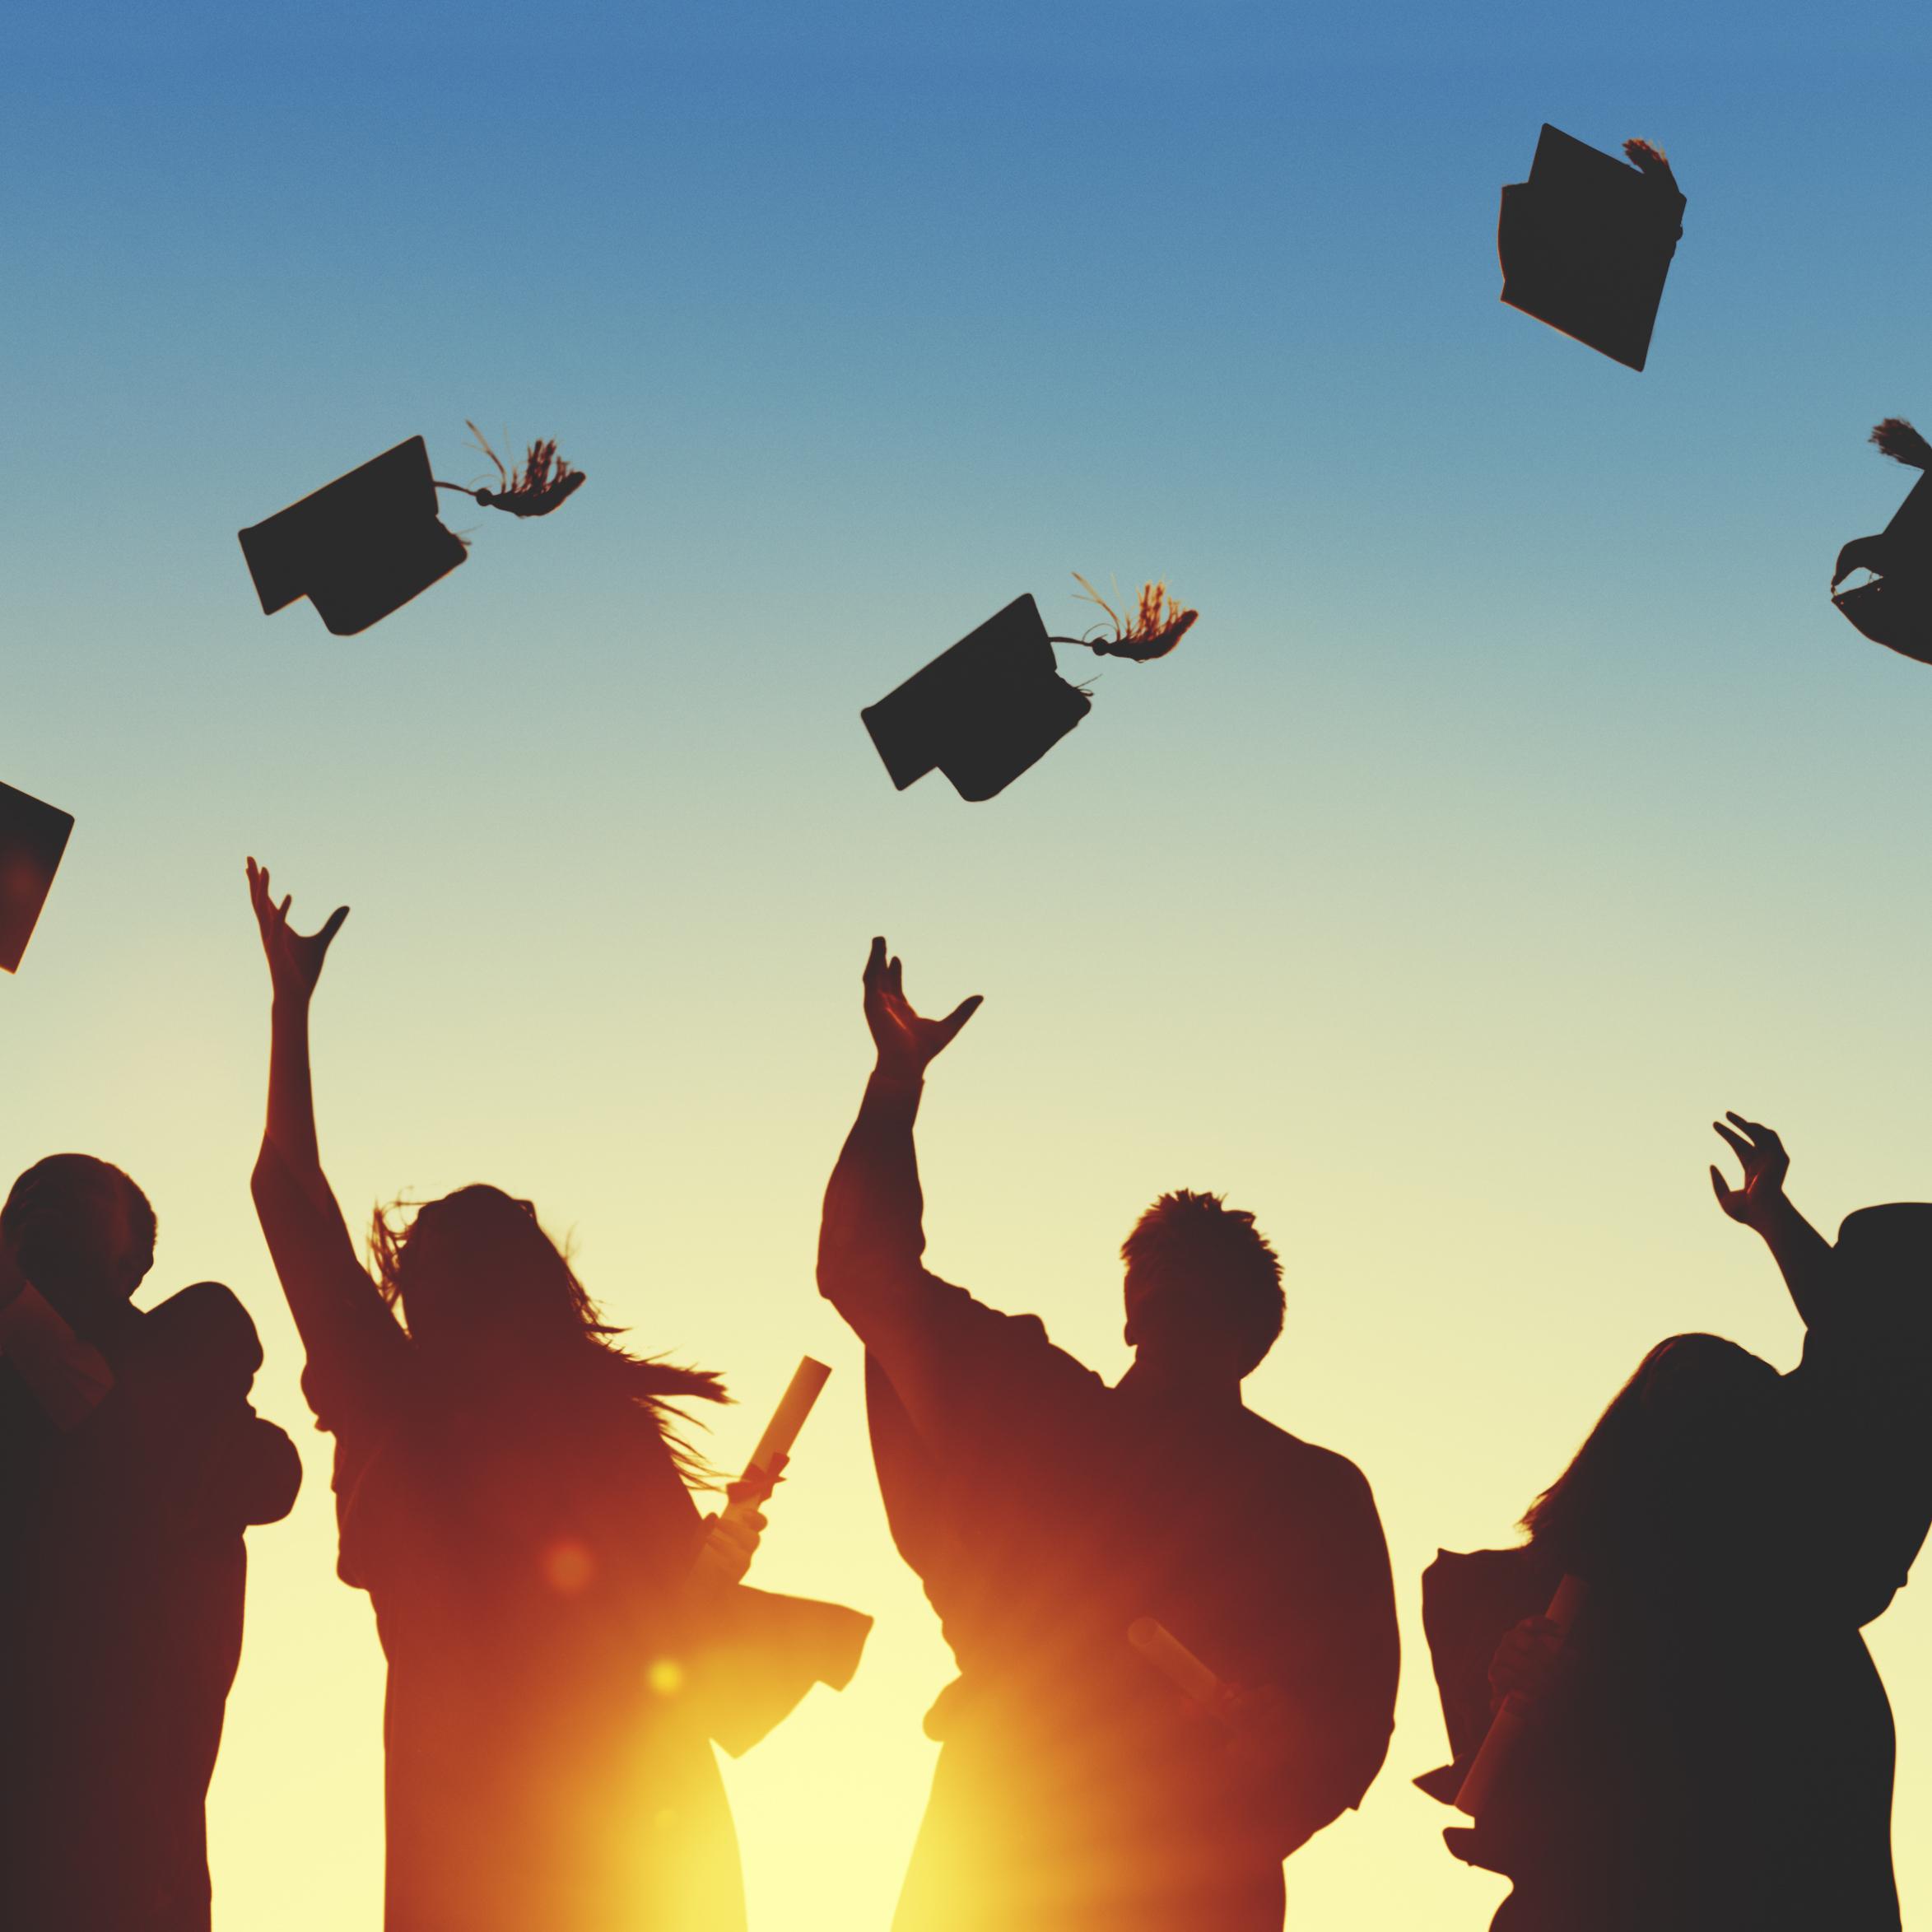 21届春季毕业生毕业前先找工作